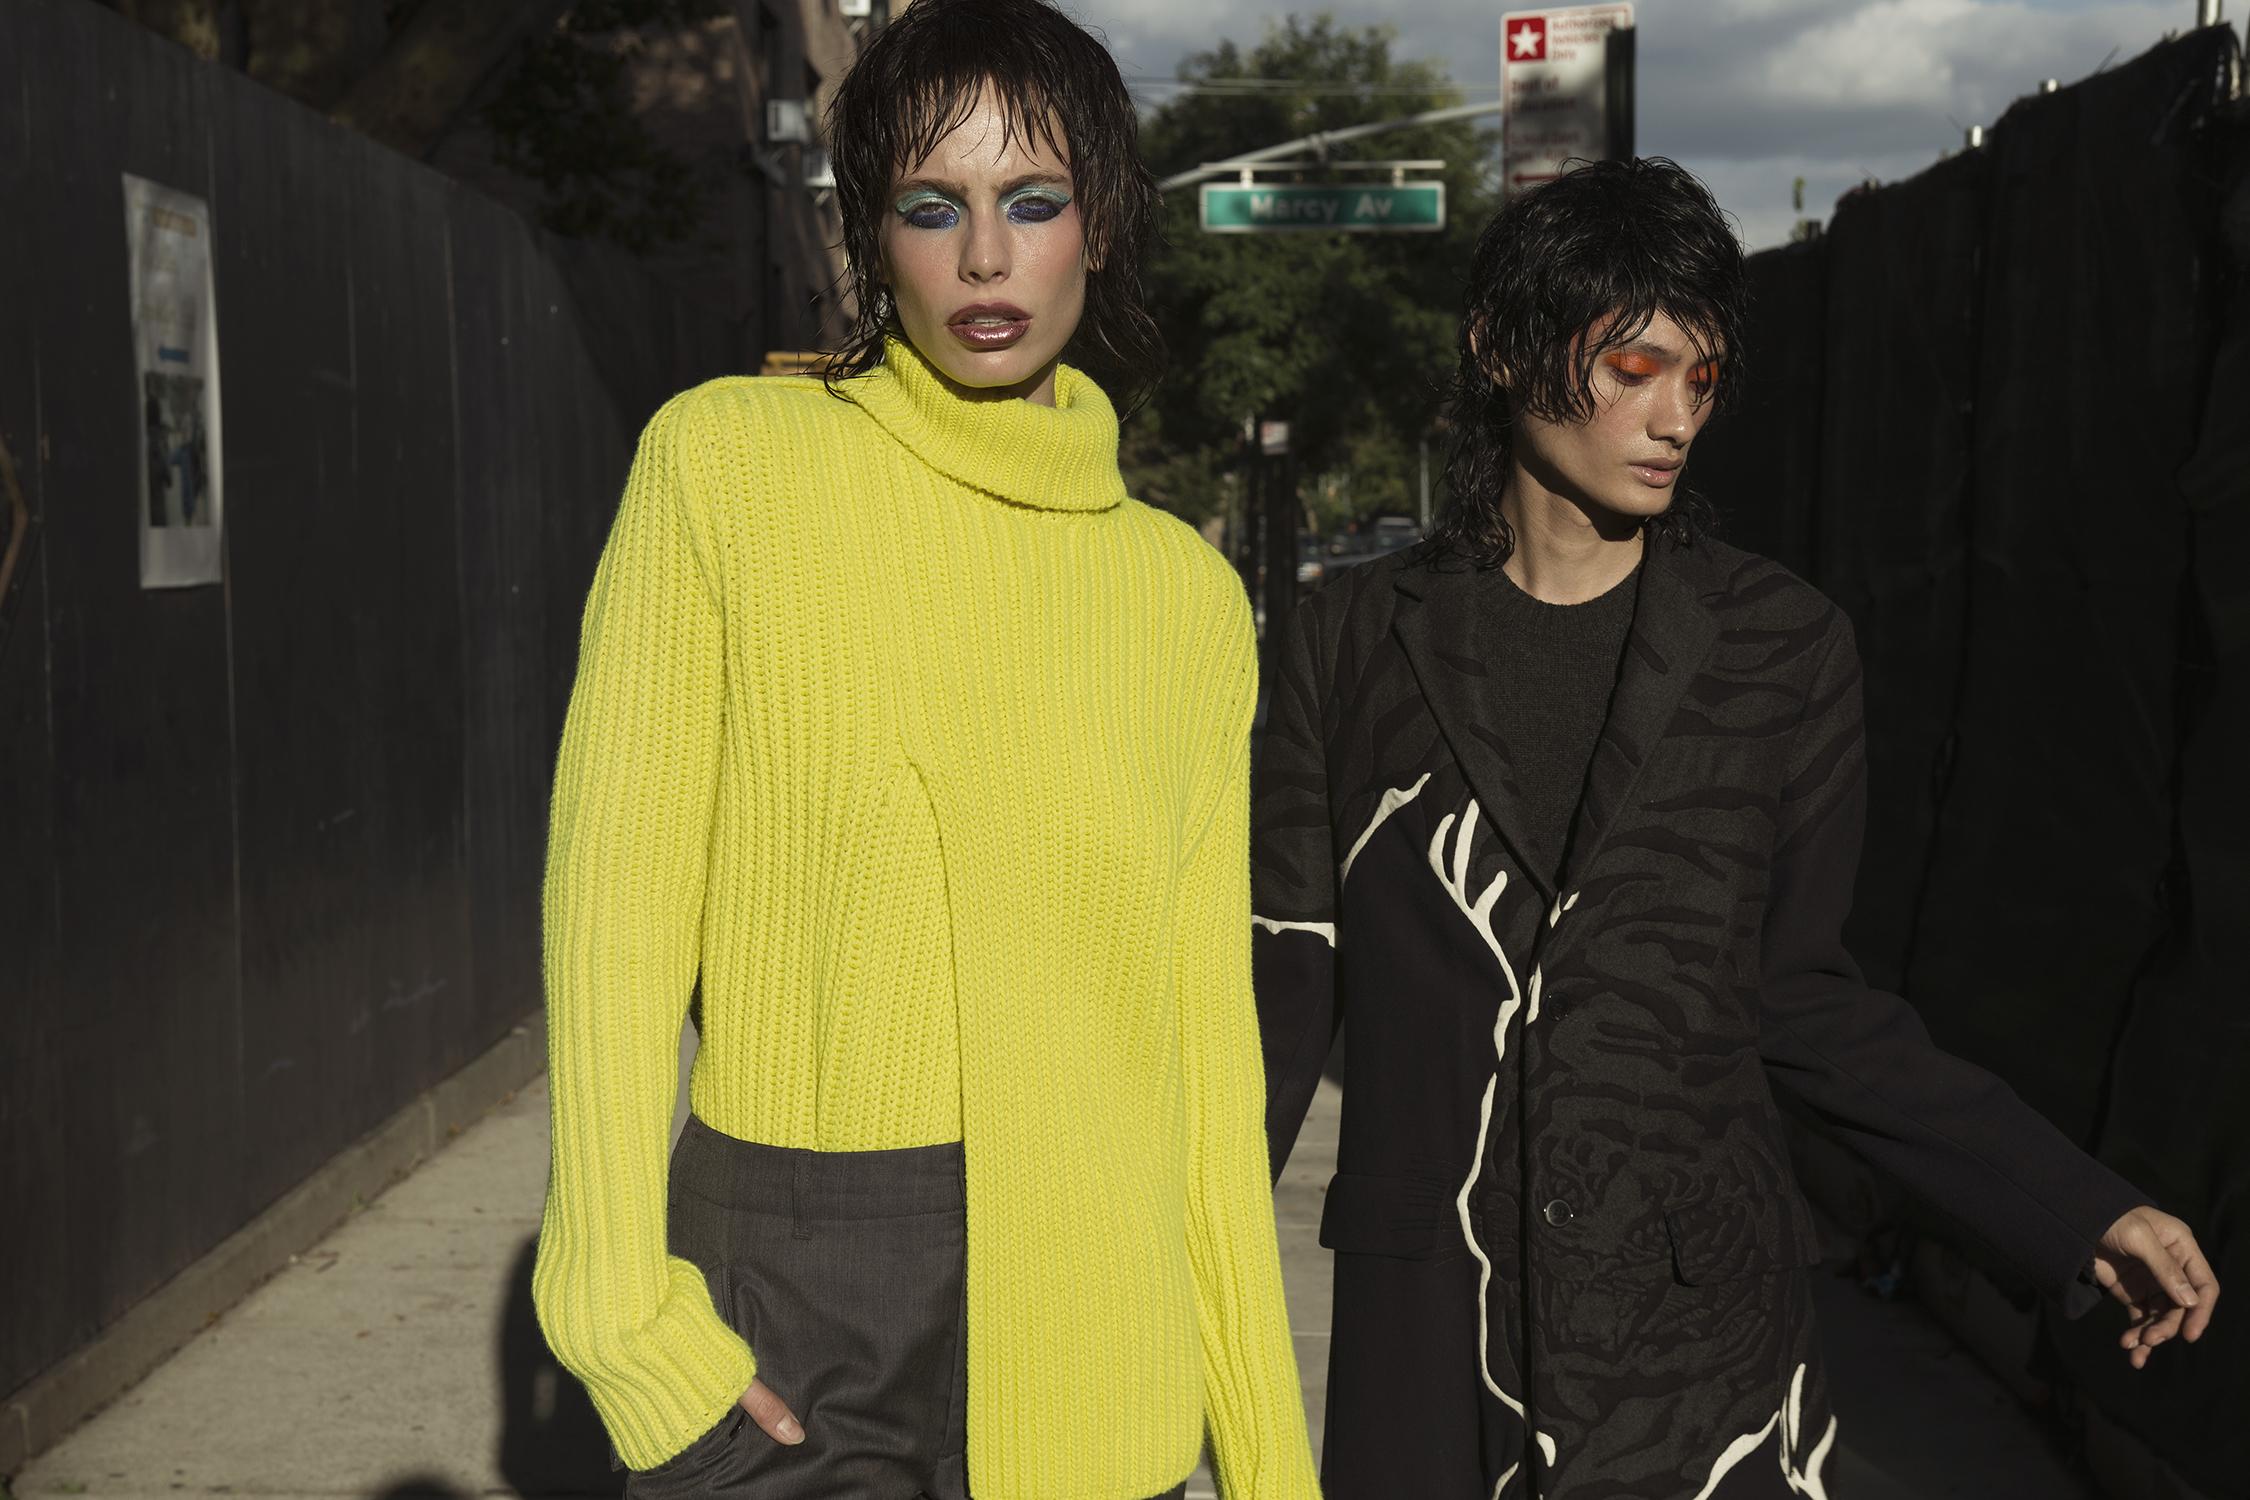 Izquierda: suéter de cuello ancho, pantalón slim de Louis Vuitton, Saks Fifth Avenue. Derecha: abrigo para hombre de Valentino, suéter tejido, Saks Fifth Avenue.